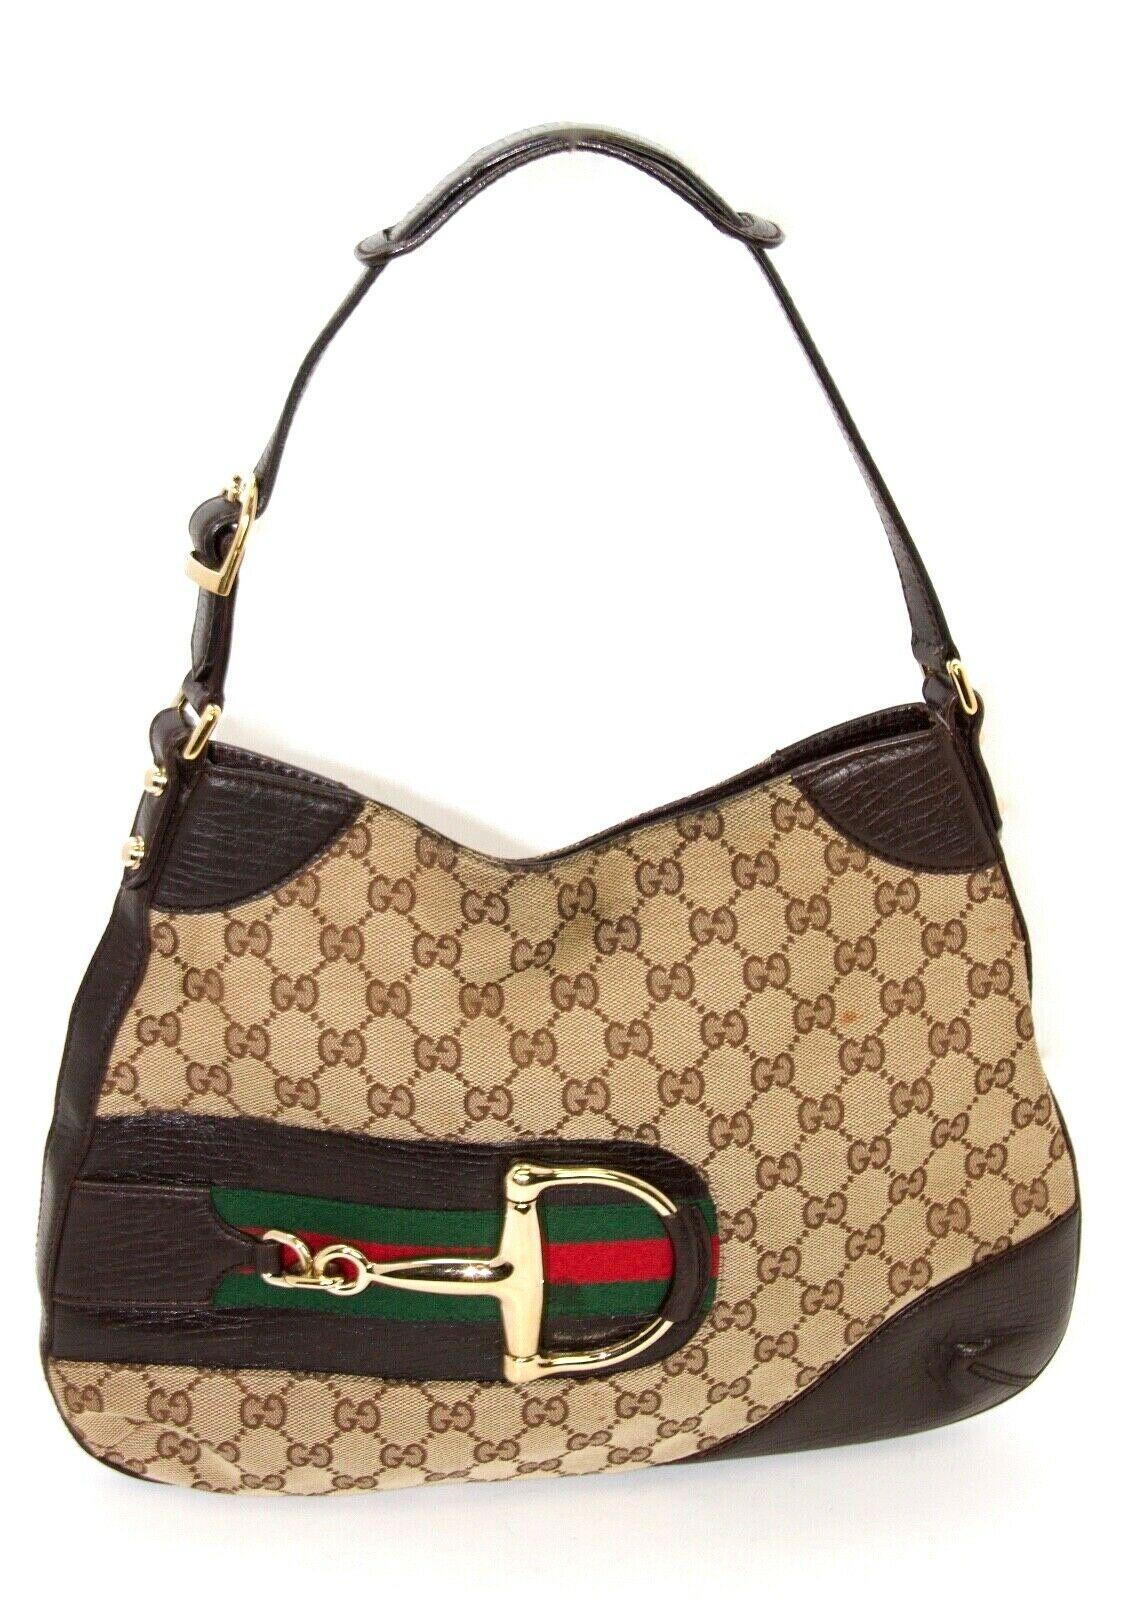 Gucci Horsebit Designer Handbag